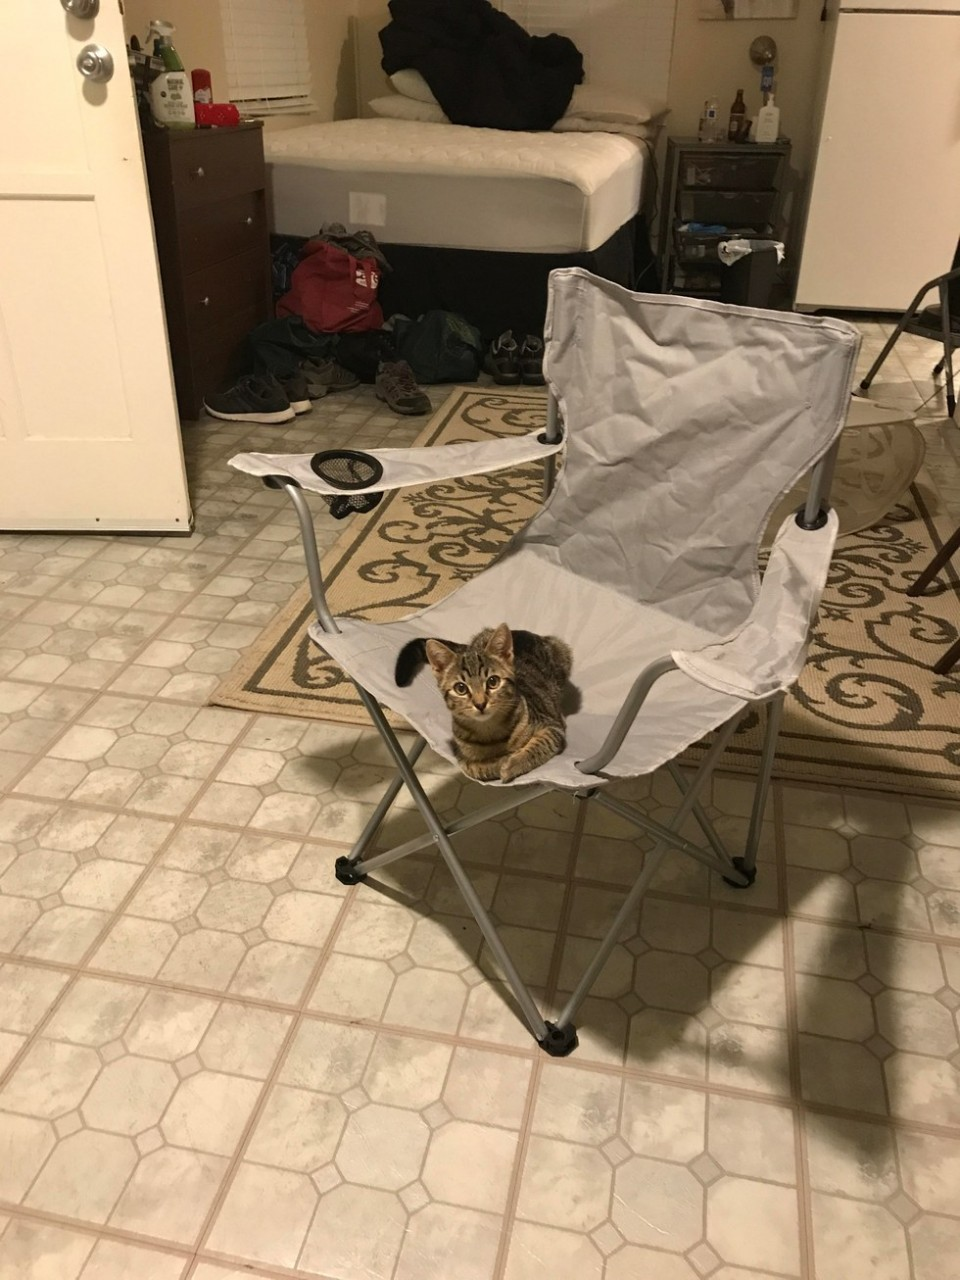 Мужчина пришёл домой, где его уже ждал кот. Но у этого мужчины нет кота.